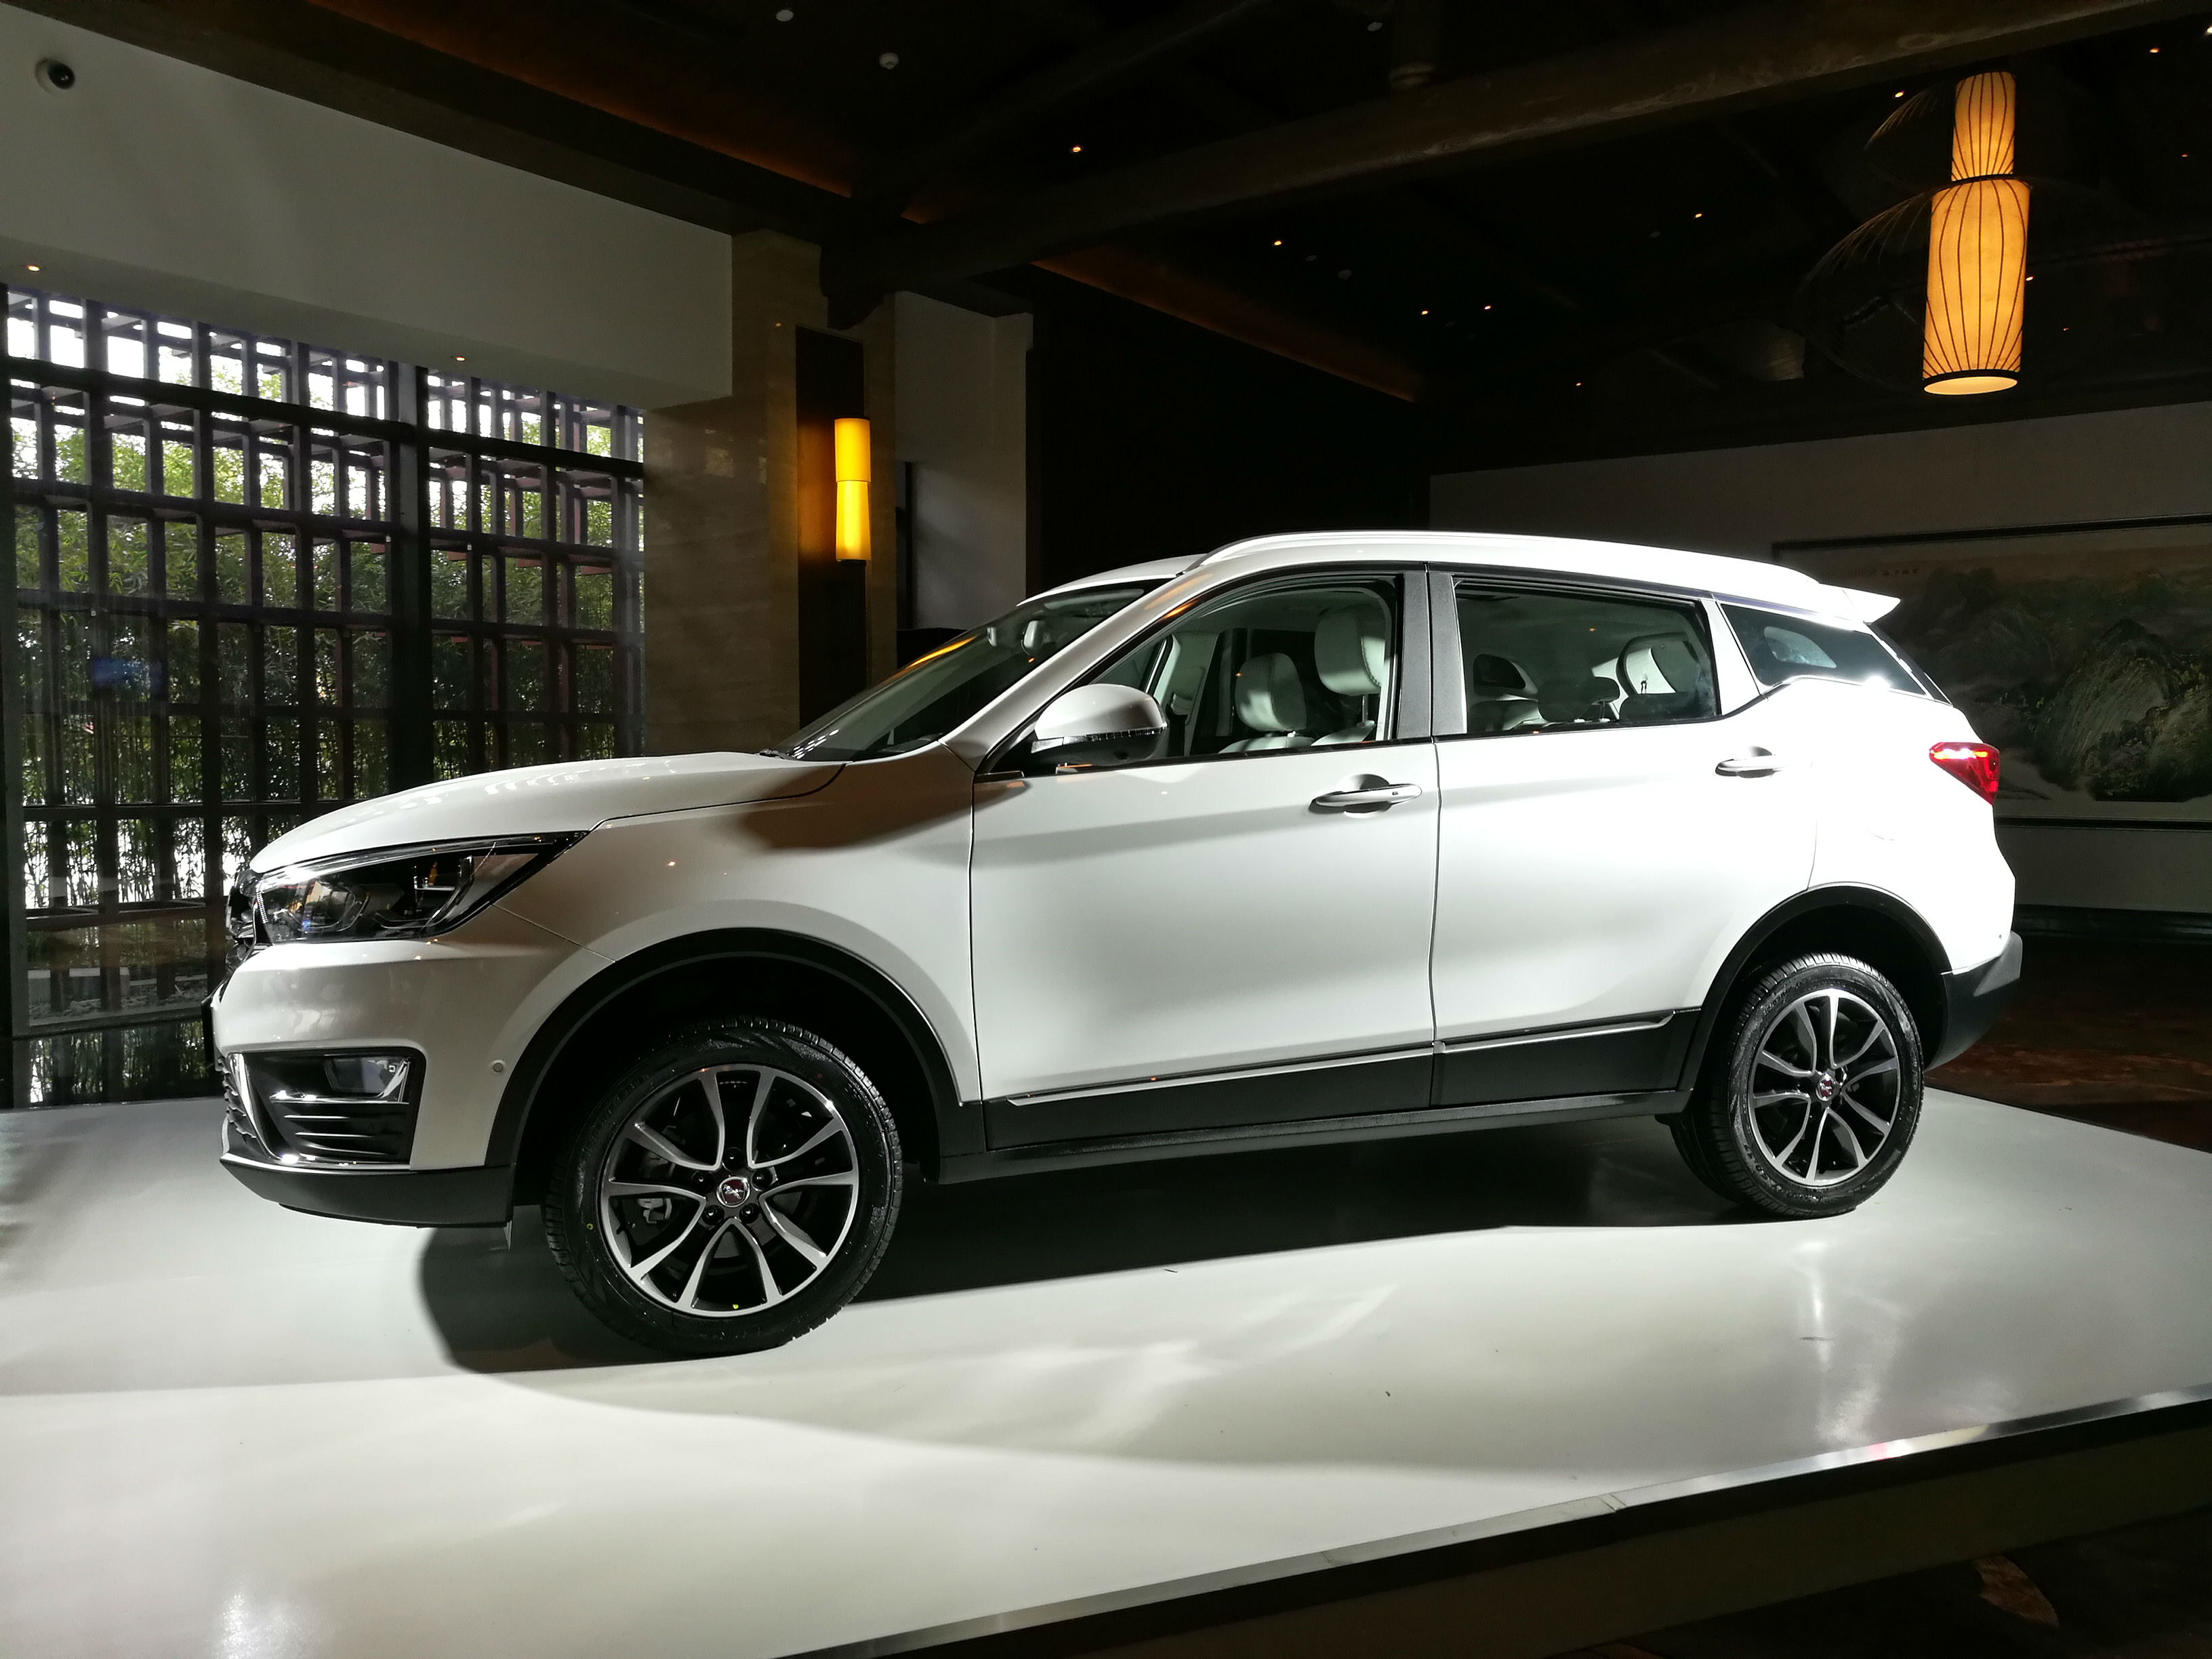 汉腾汽车第二款全新suv车型——汉腾x5在古都西安上市.倪敏/摄